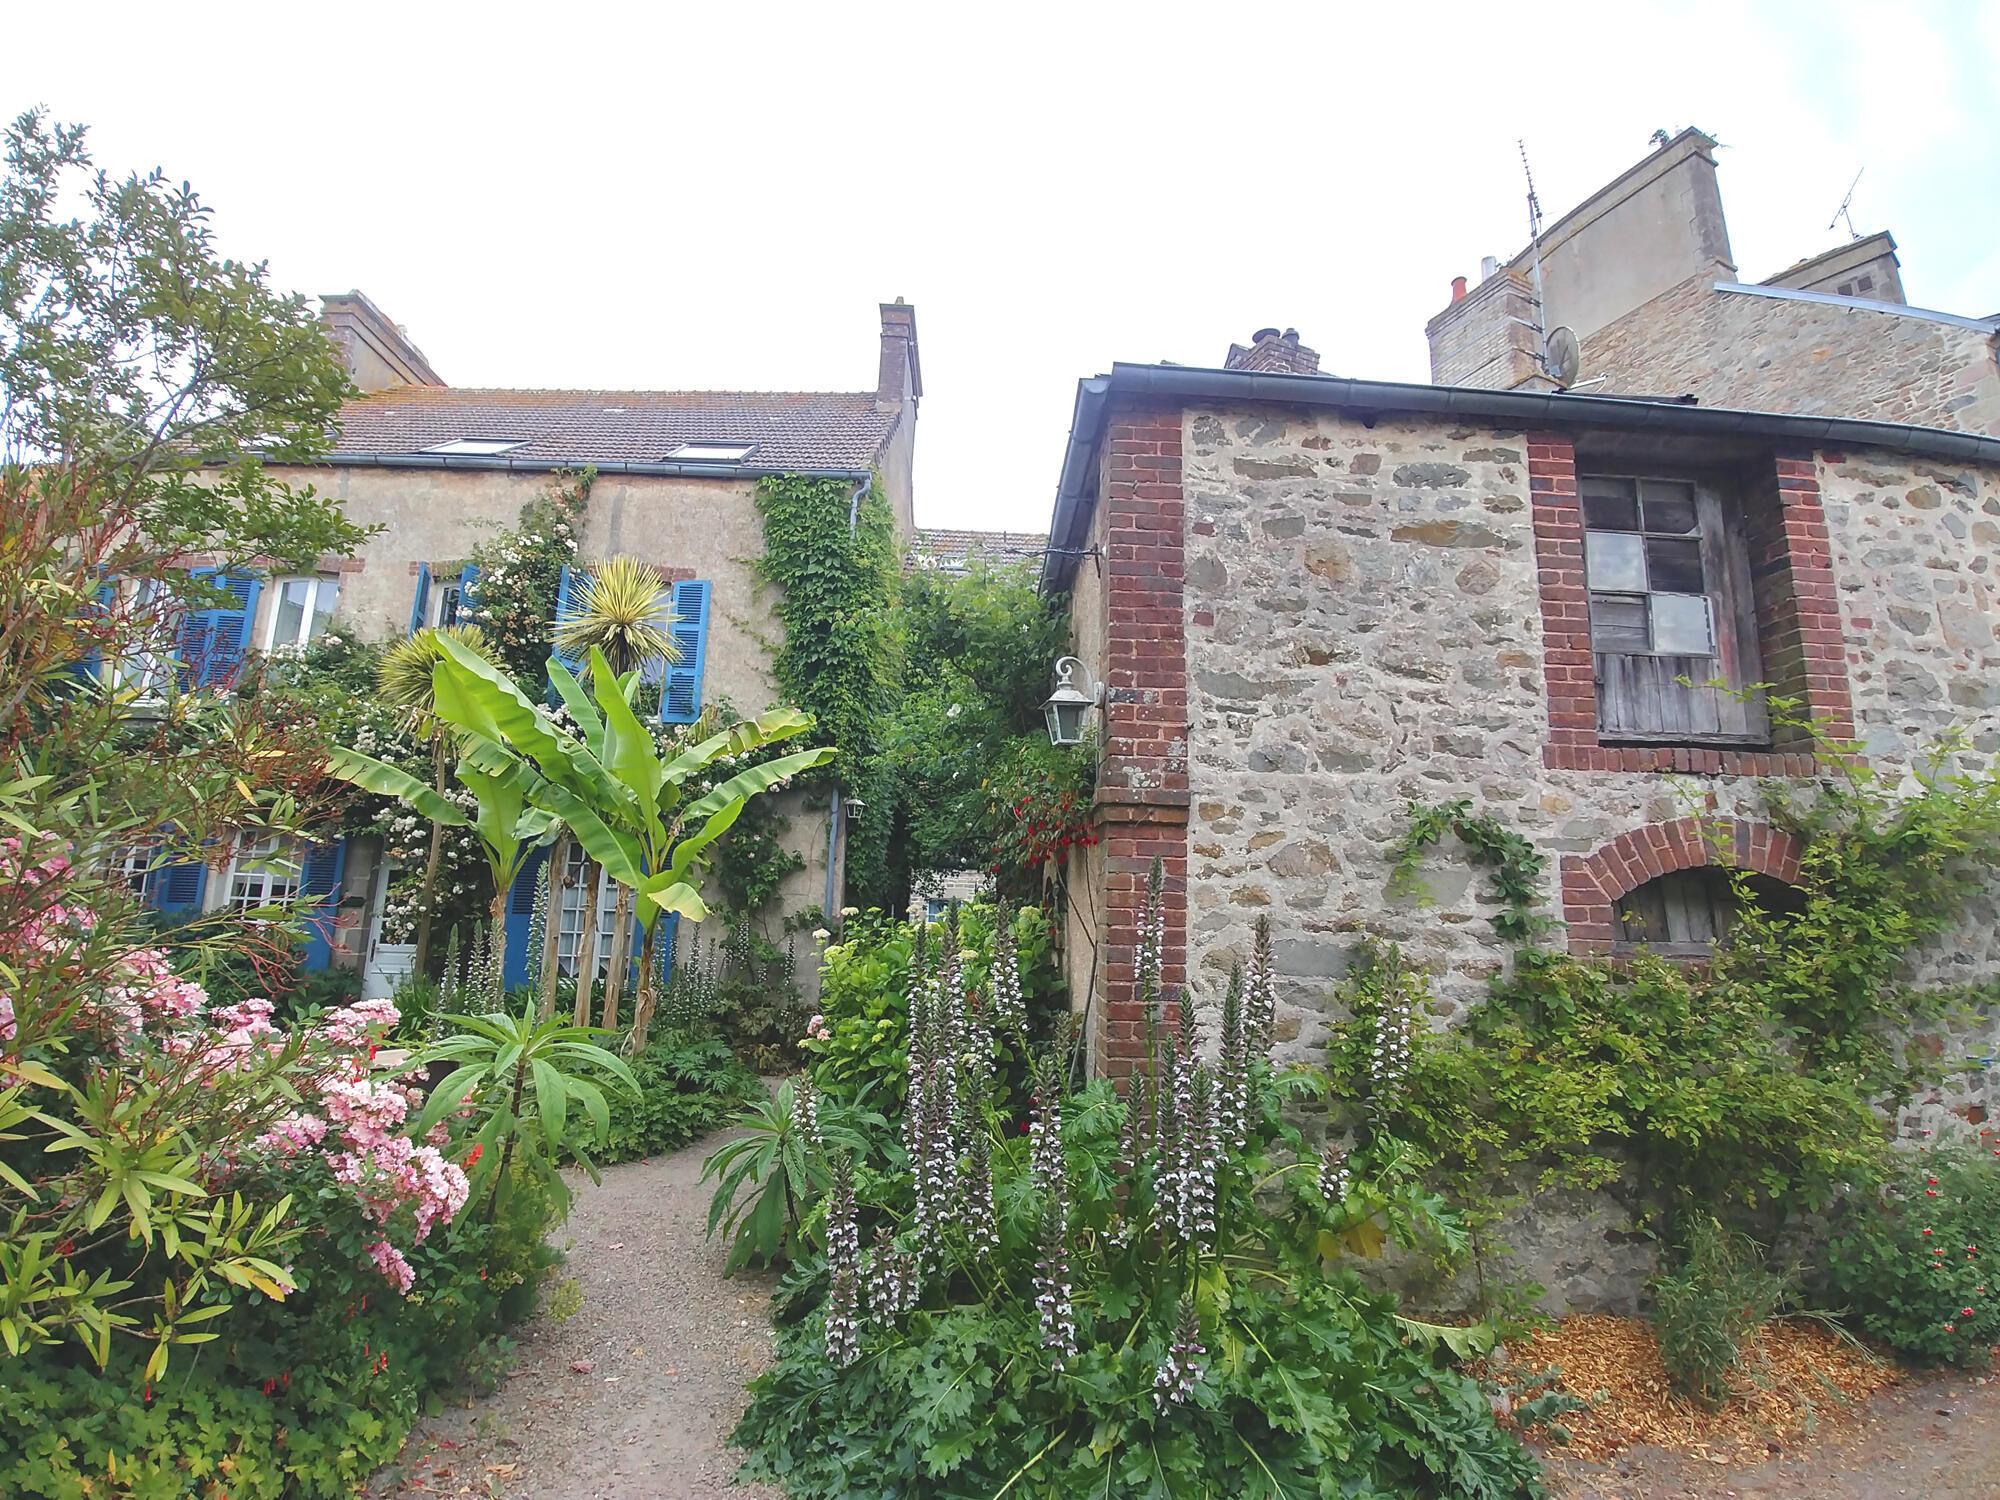 """Nhờ giữ được nét đẹp hài hòa truyền thống, Saint-Vaast la Hougue đoạt danh hiệu """"Ngôi làng yêu thích nhất của người Pháp"""" 2019"""